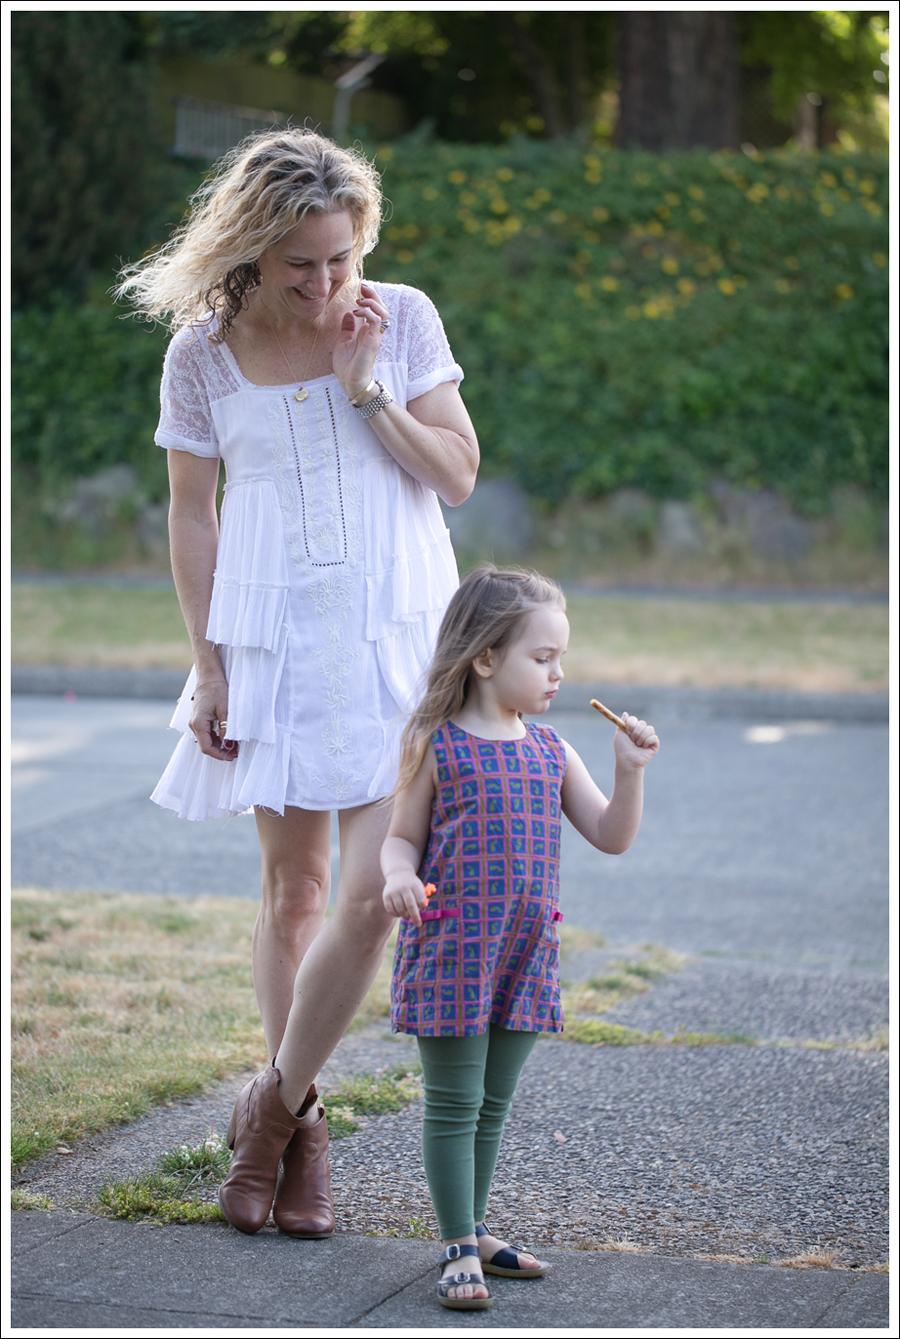 Blog Free People Sunbeam Mini Dress Sam Edelman Lisle Booties-4